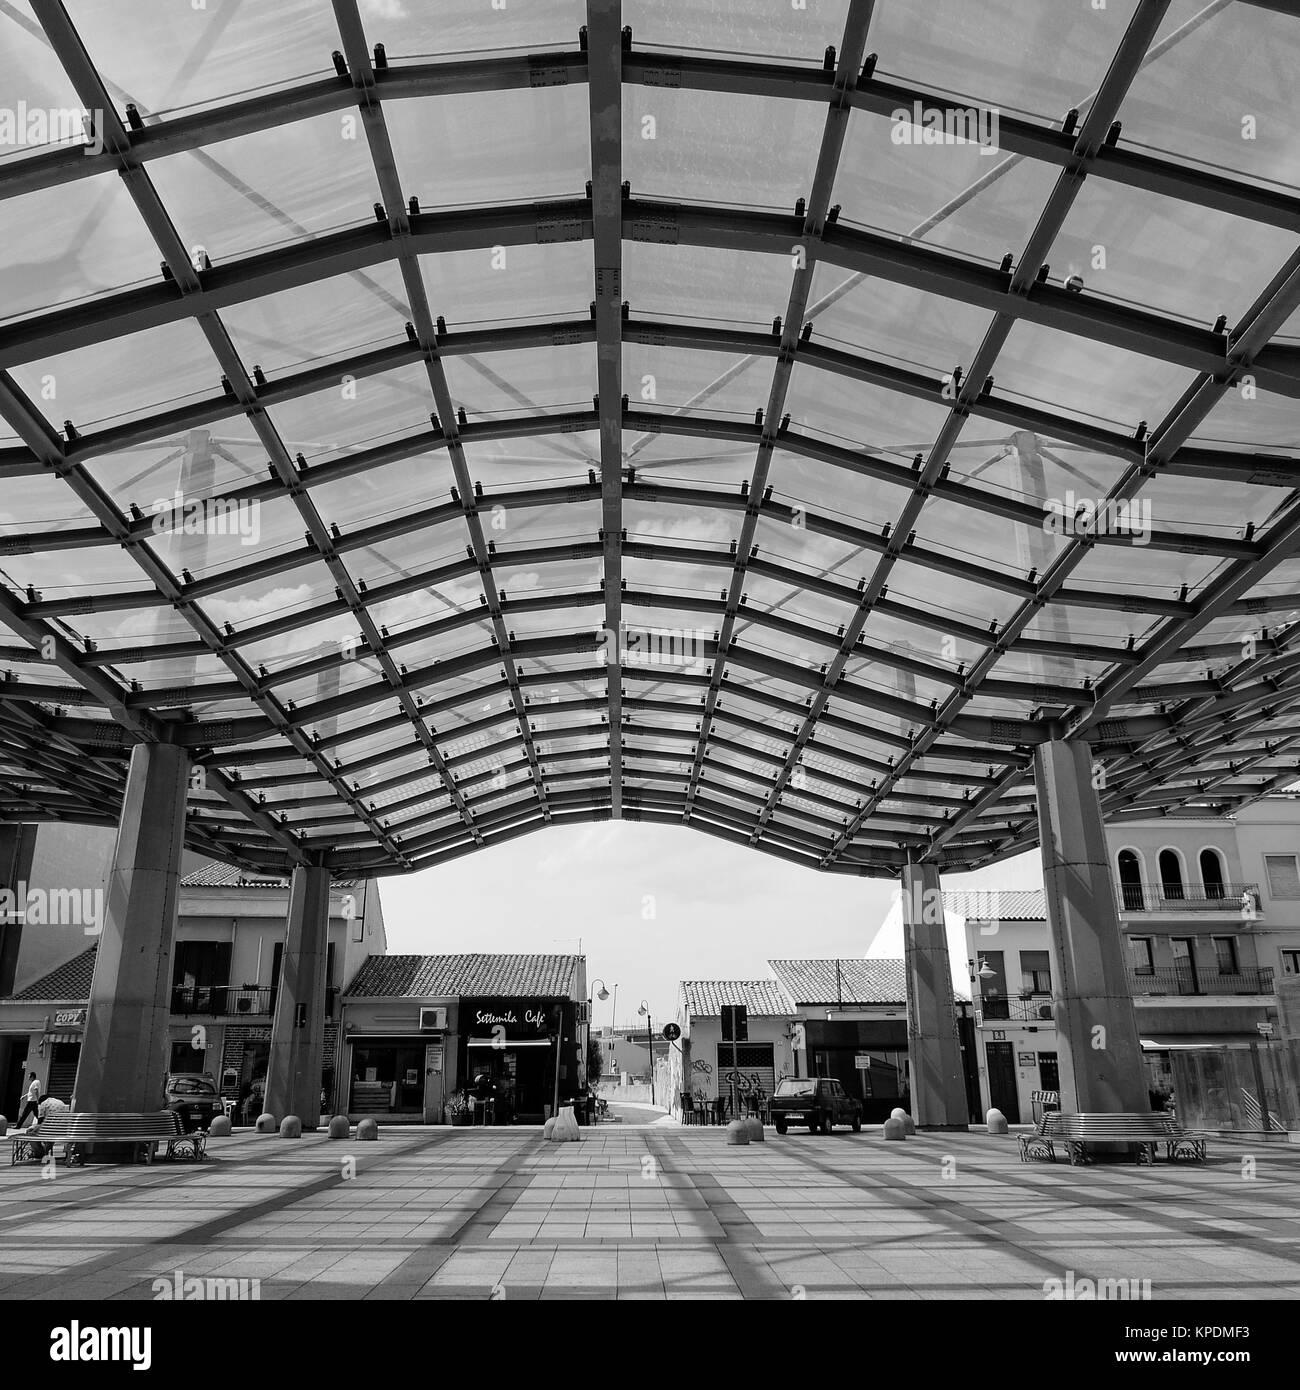 The covered market, Piazza Mercato, Olbia, Sardinia, Italy - Stock Image